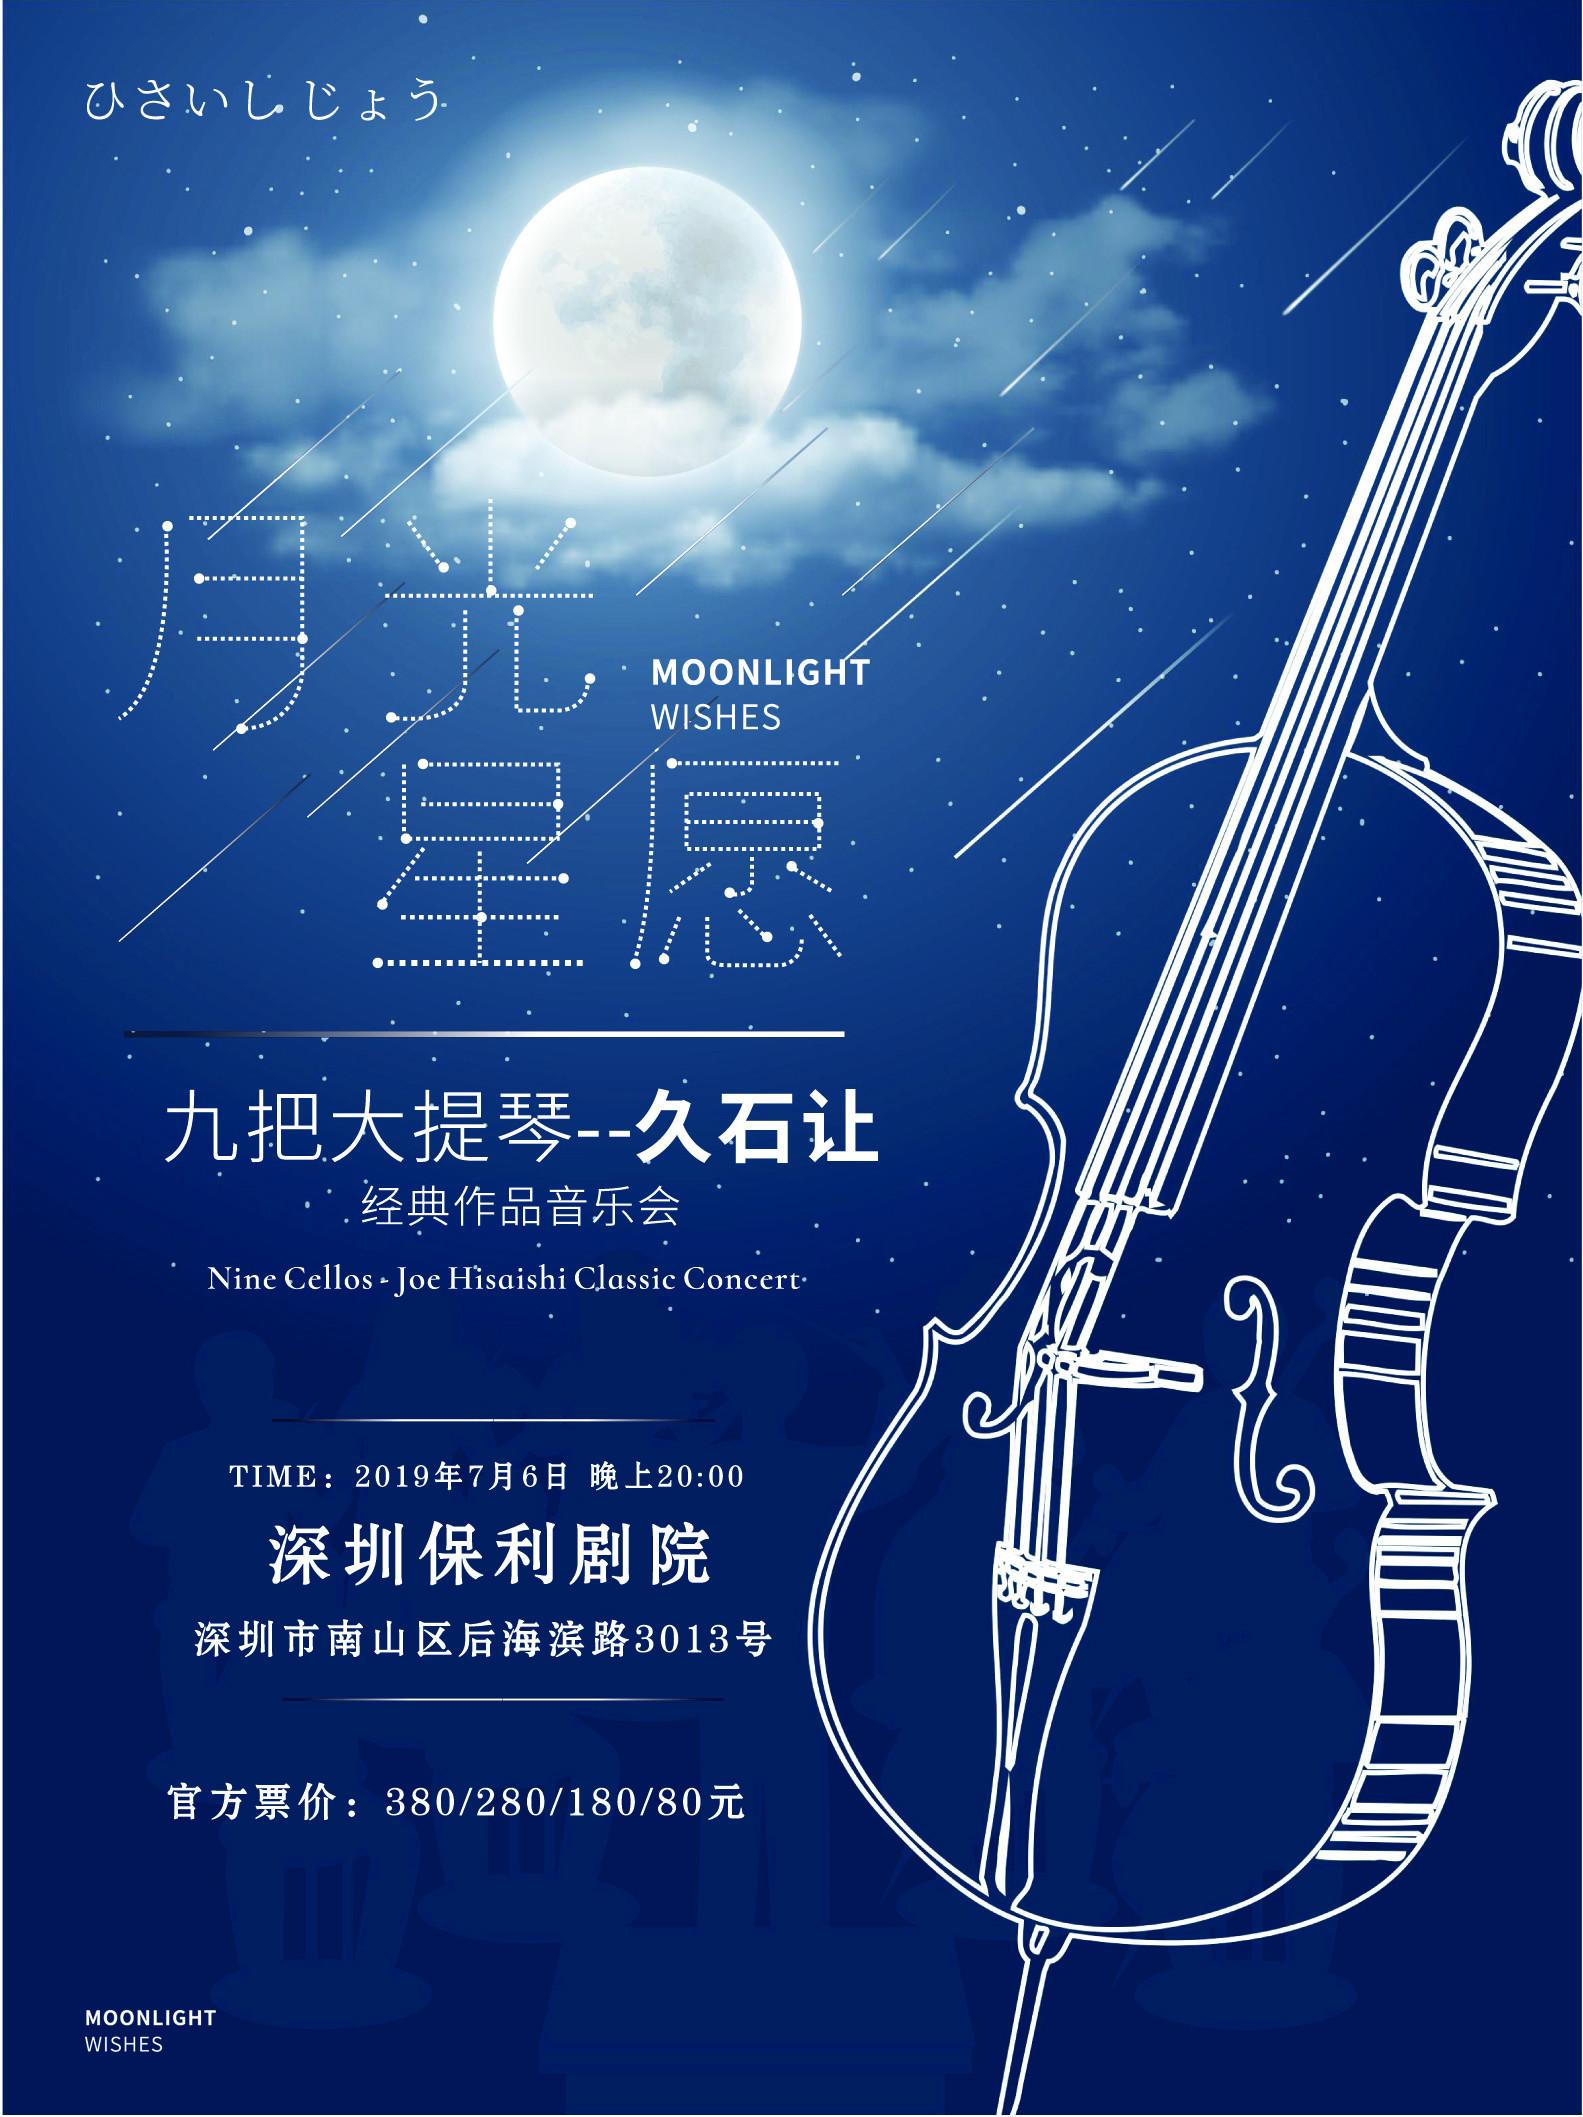 九把大提琴—久石让经典作品音乐会